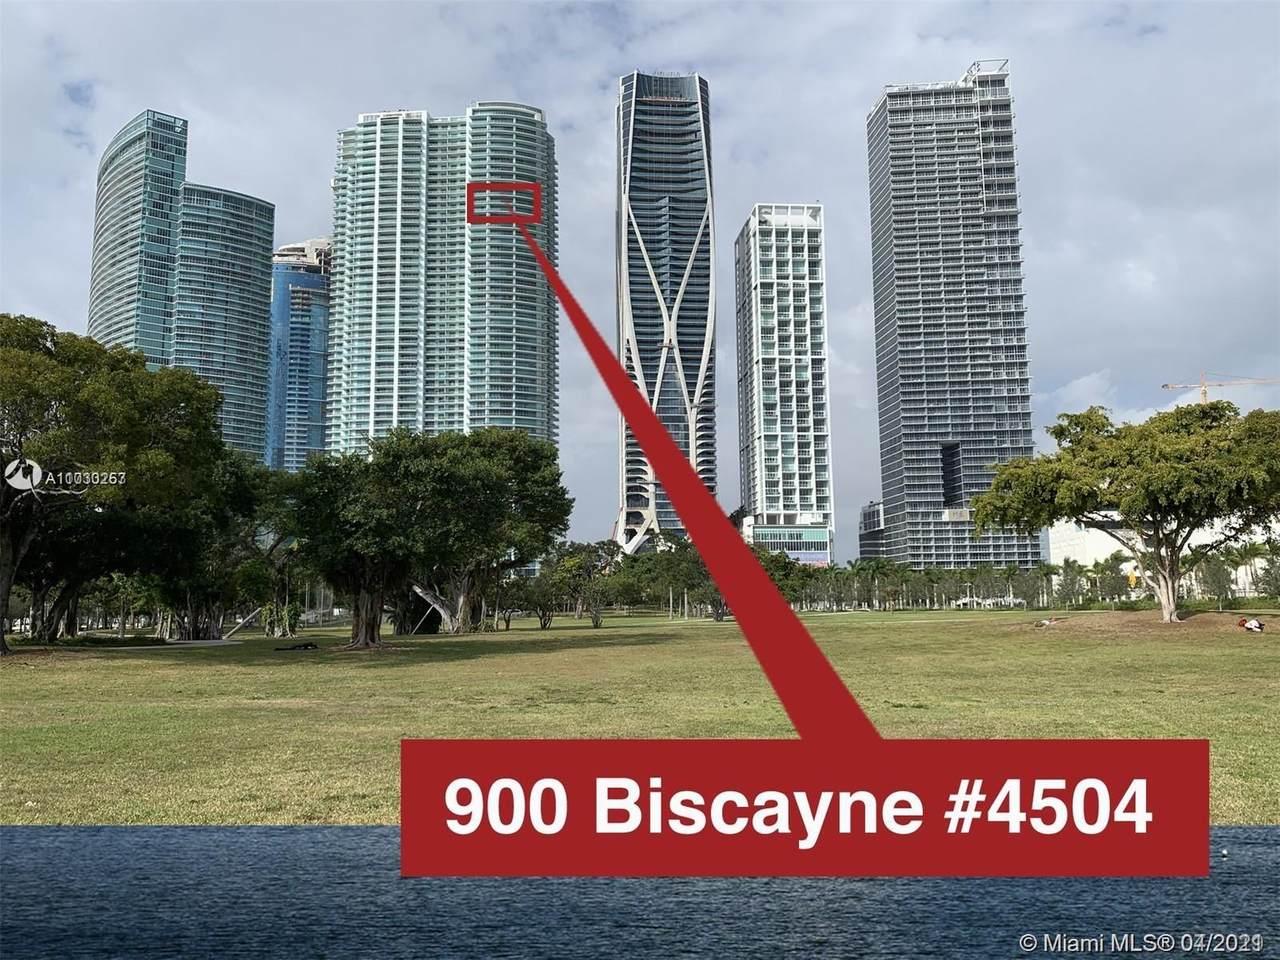 900 Biscayne Blvd - Photo 1